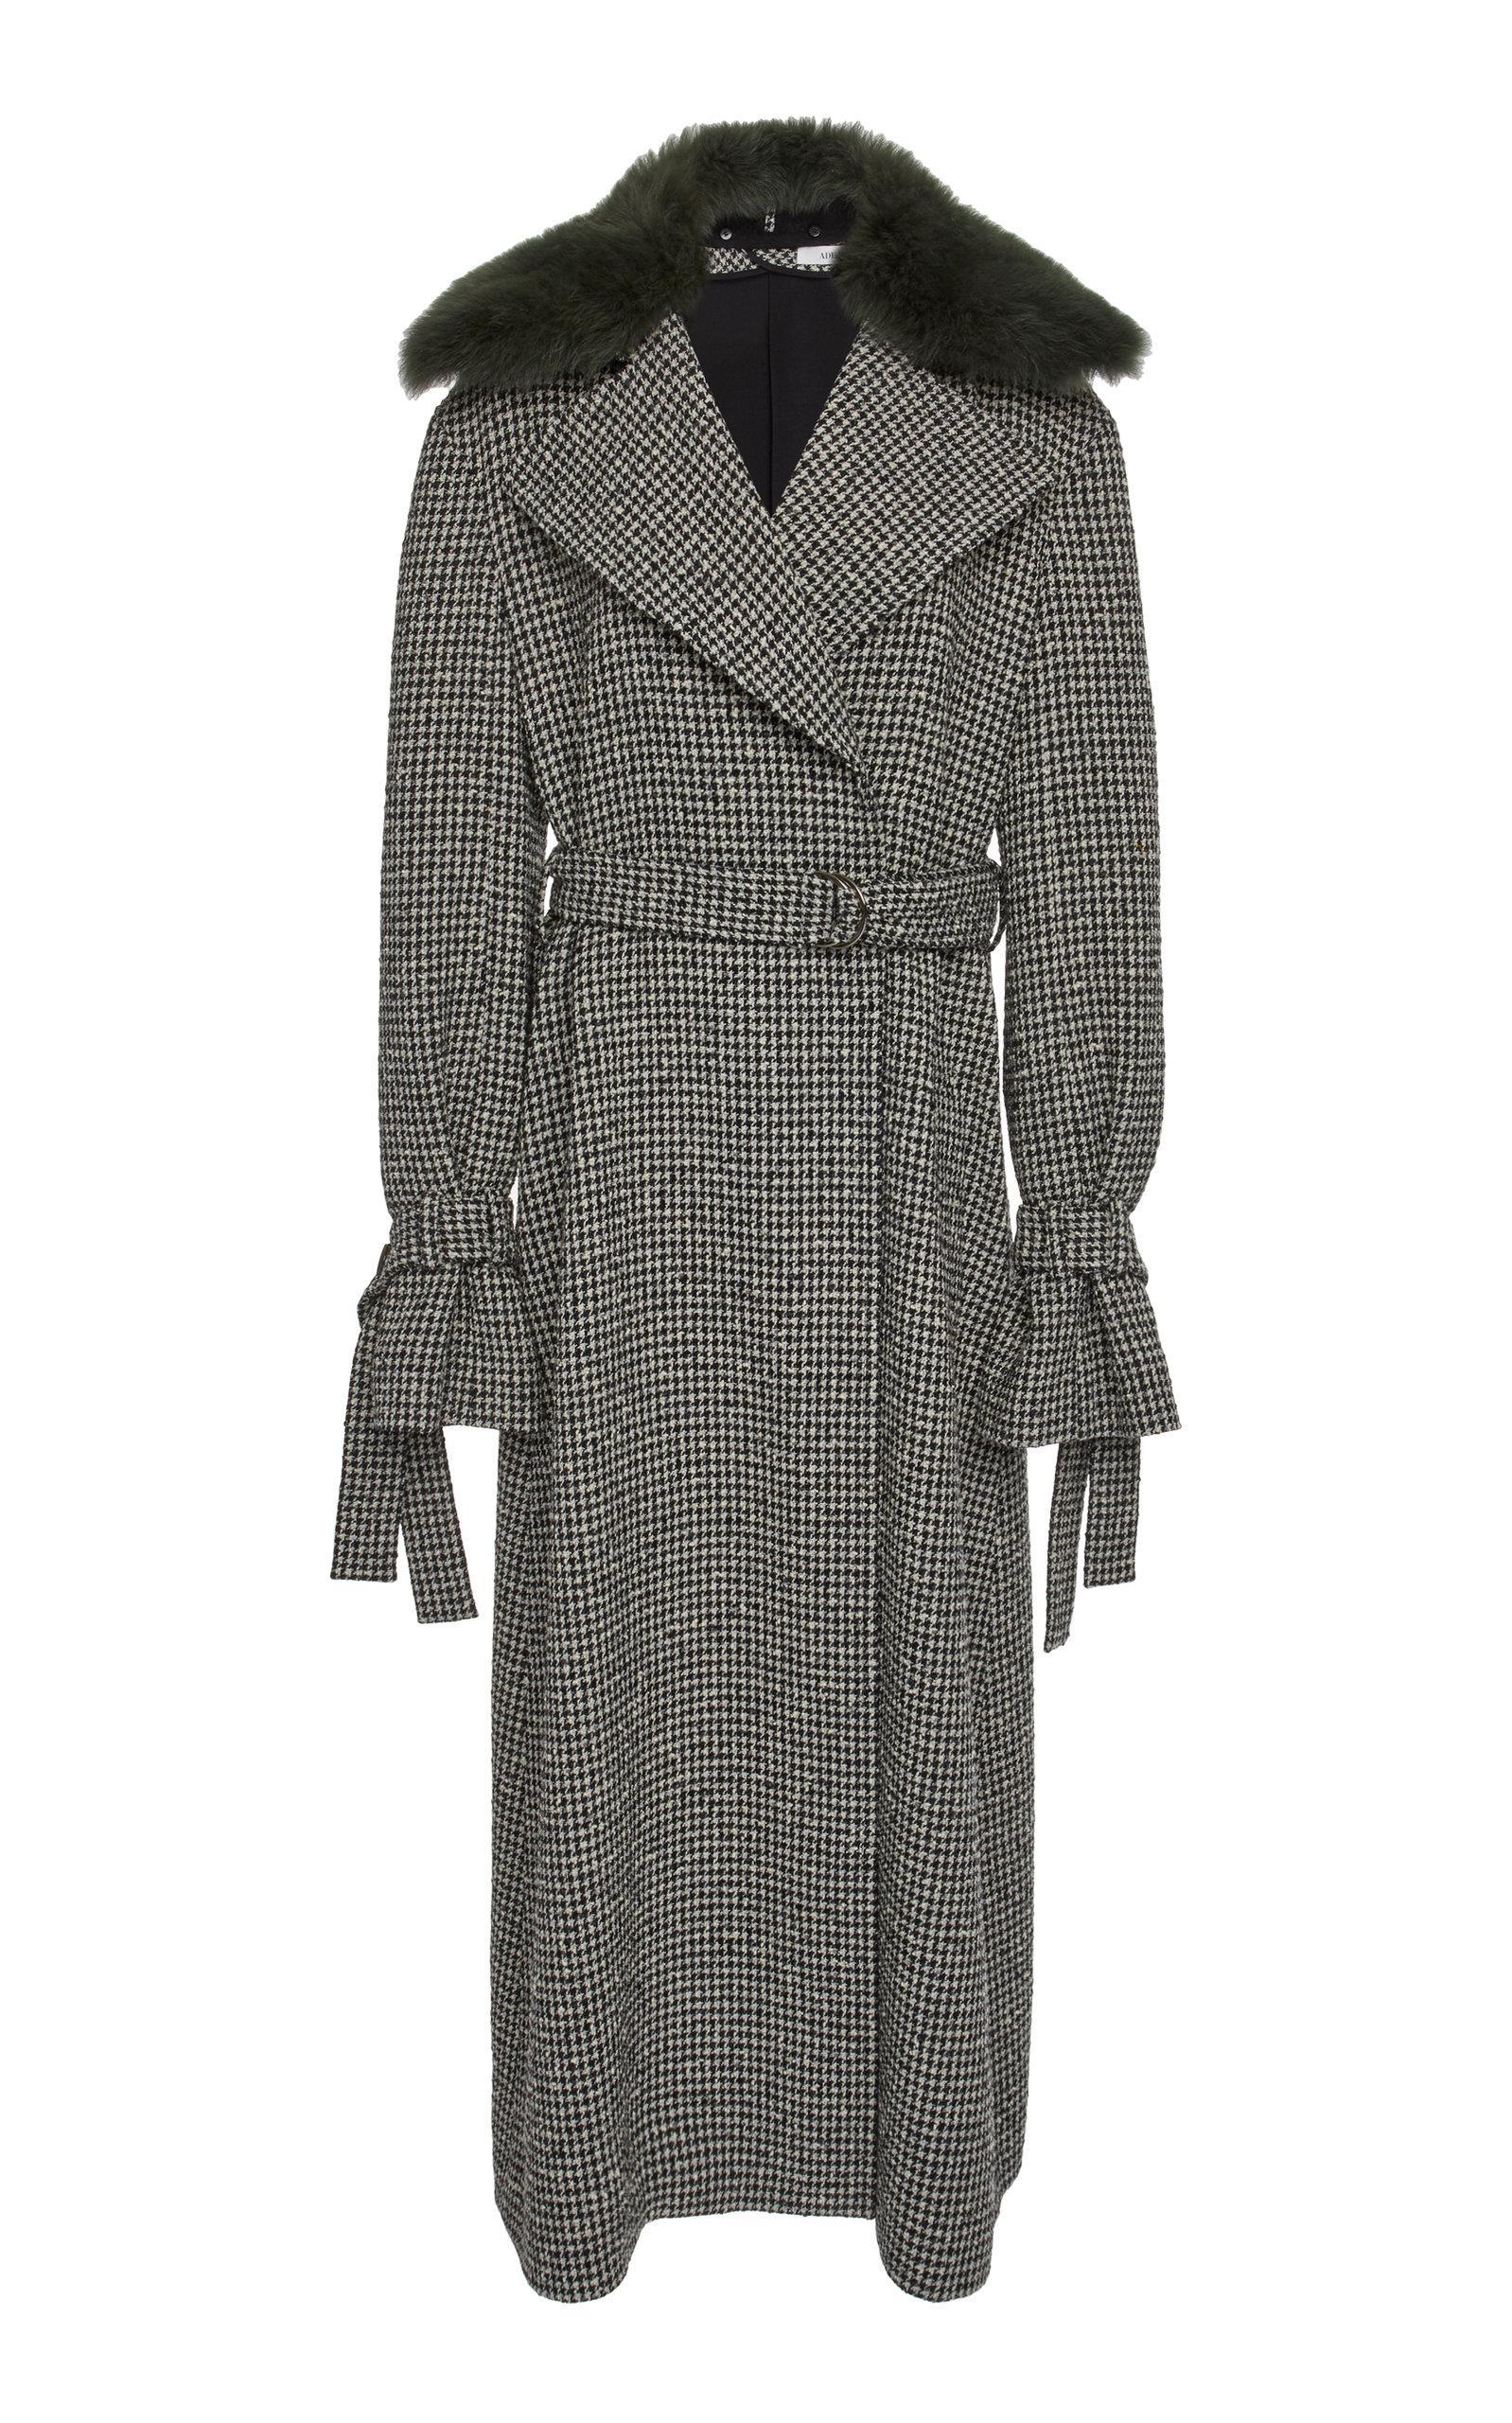 Adeam Robe Trench Coat In Black/white